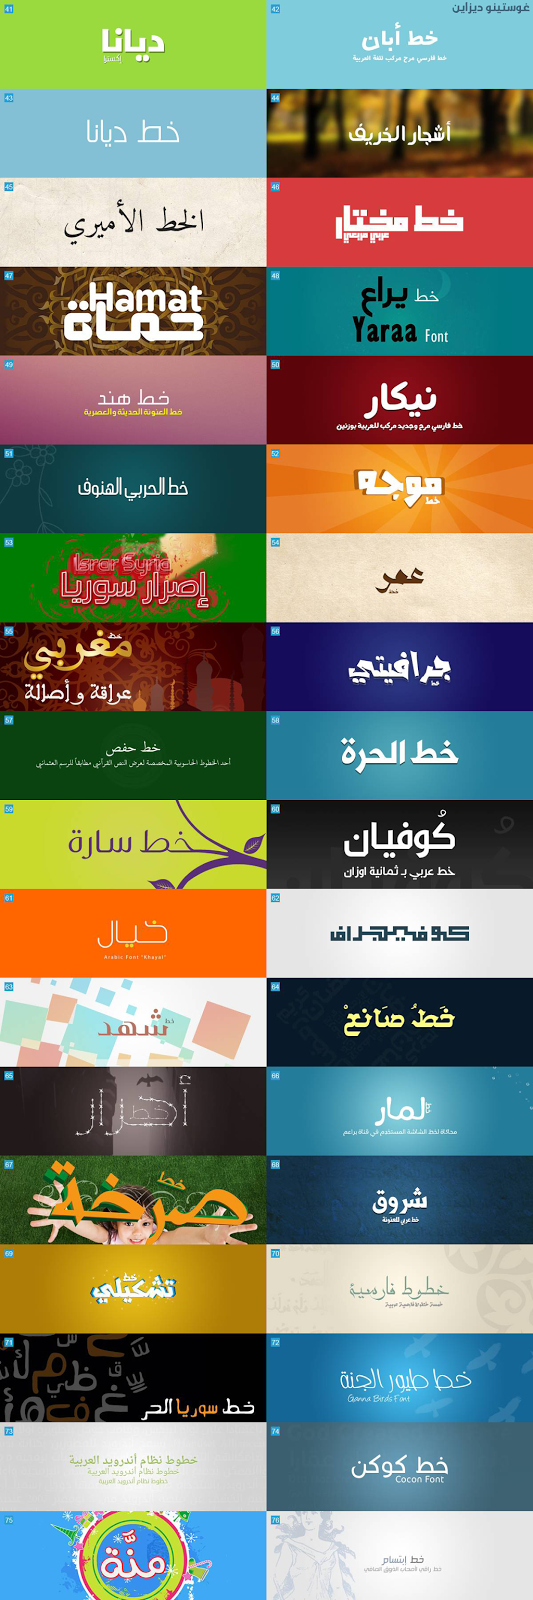 تحميل أكثر من 70 خط عربي احترافي